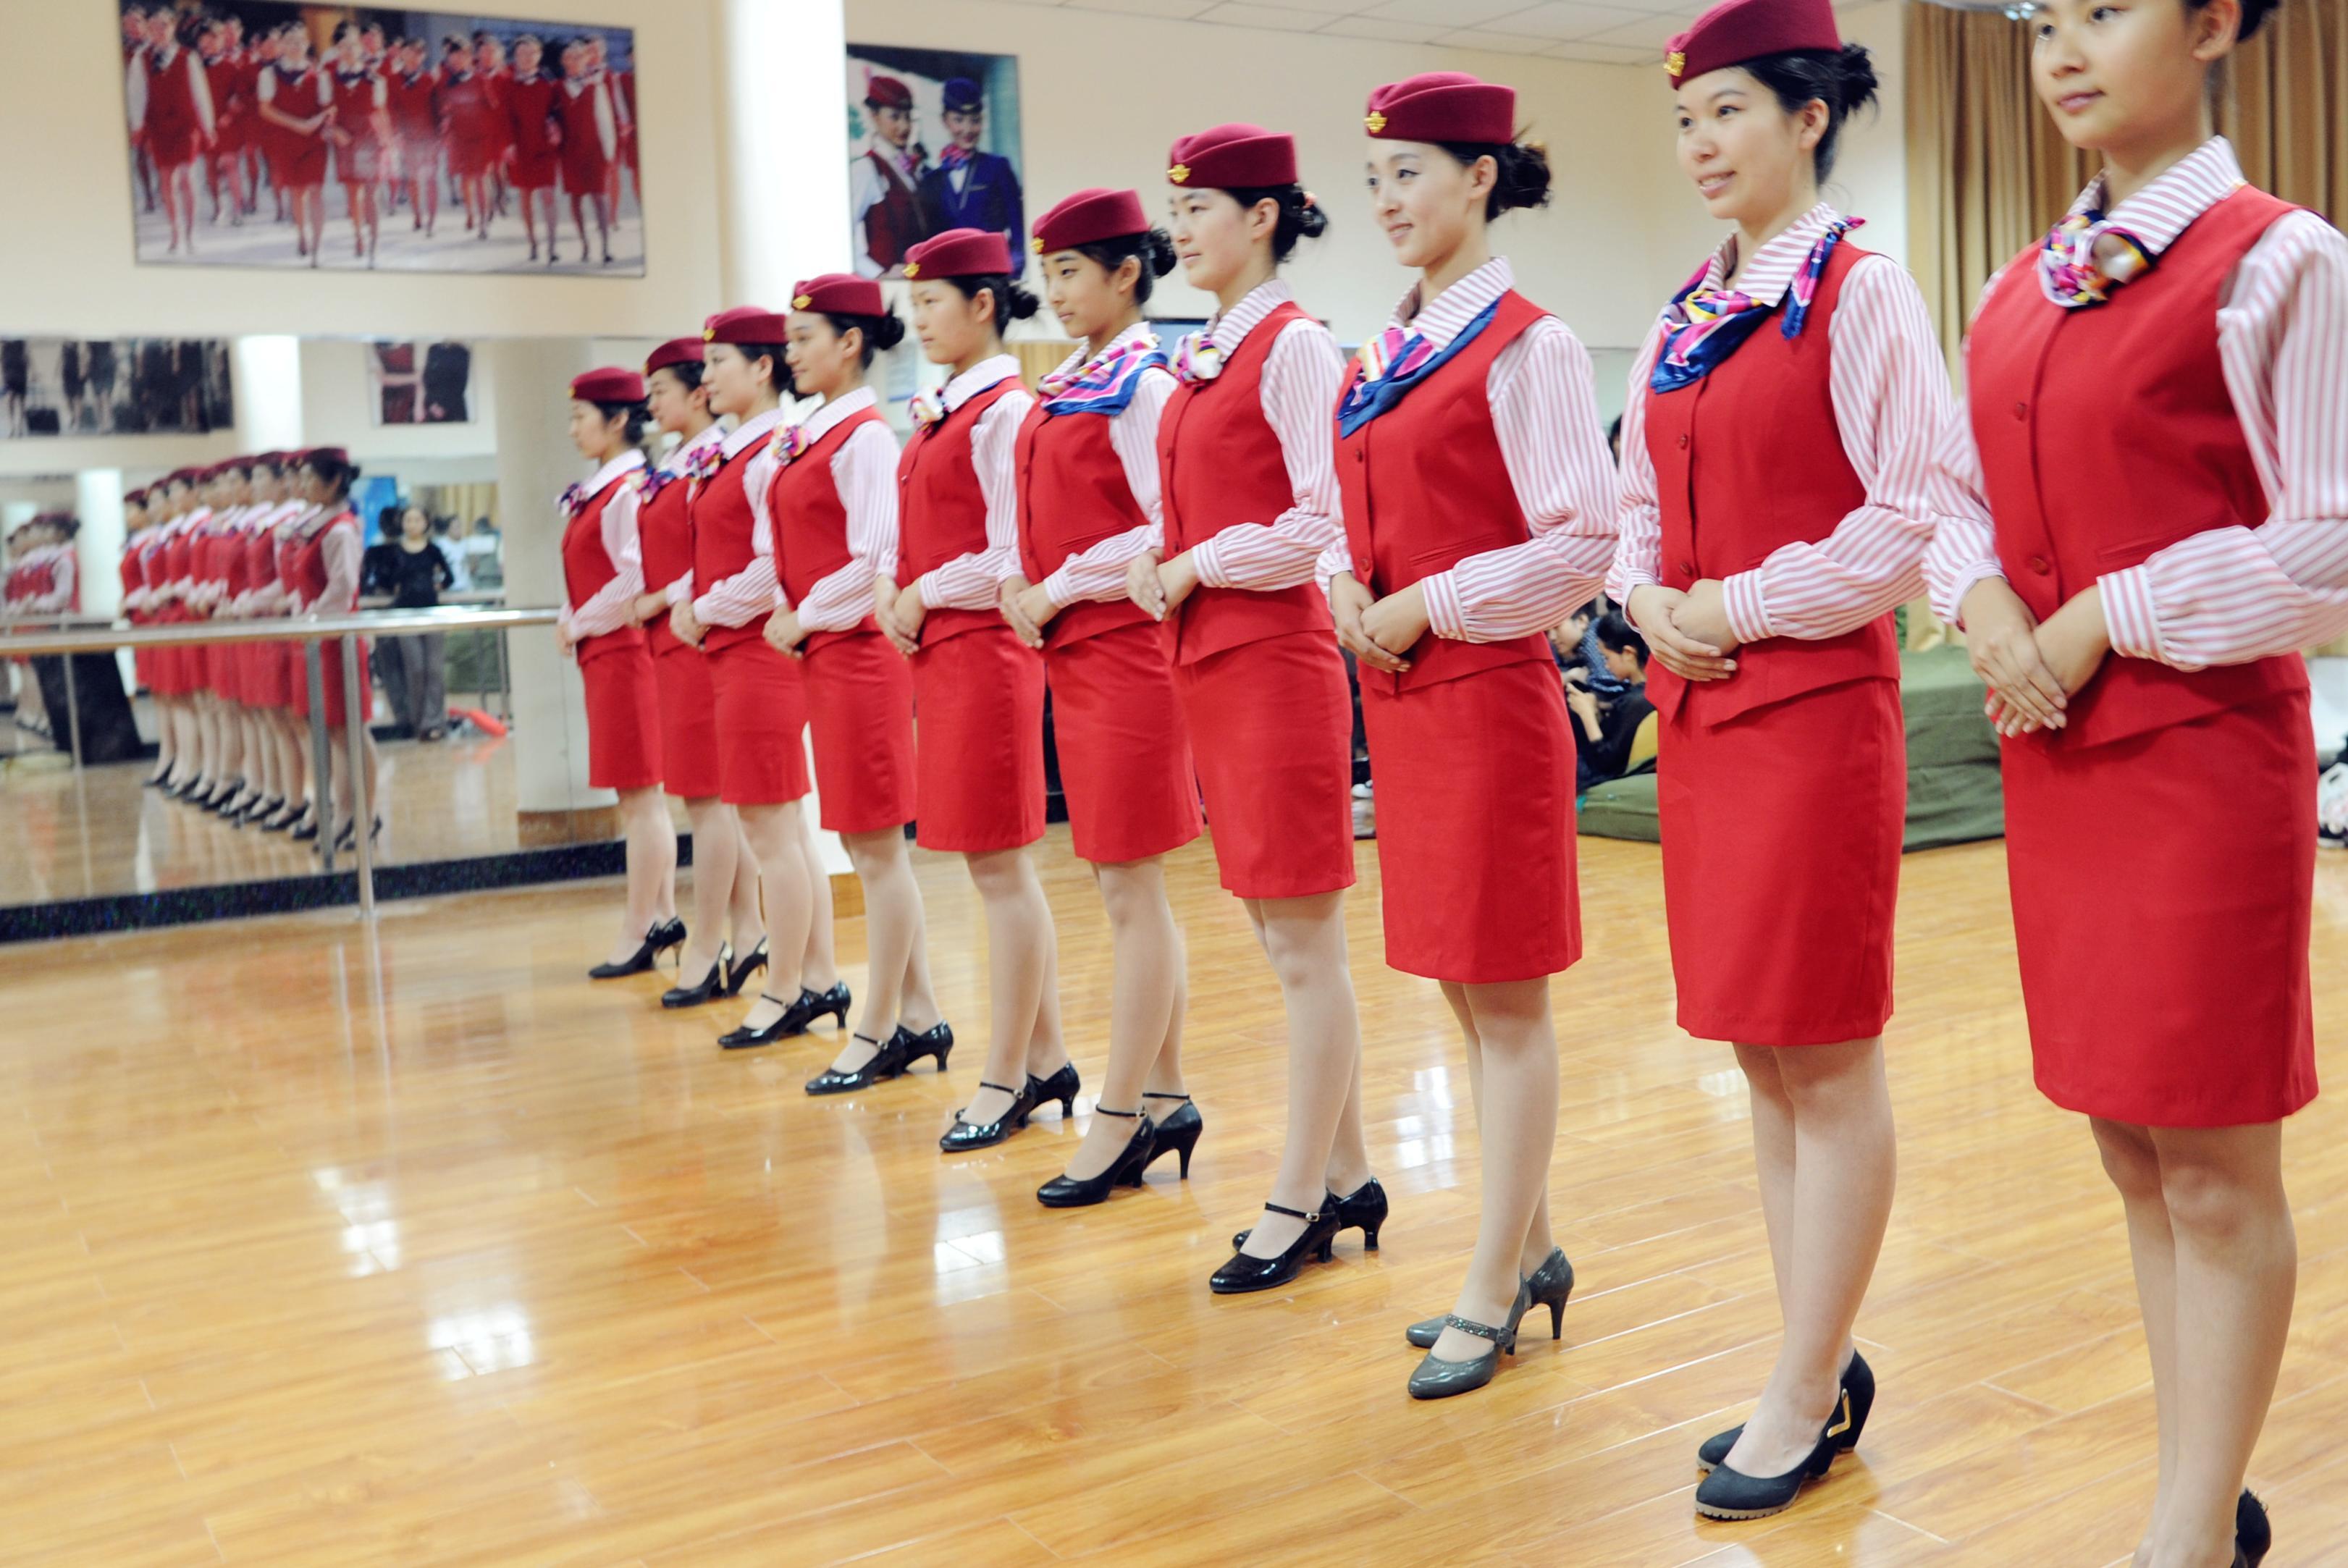 甘肃东方航空高铁学校:空姐面试需要注意什么